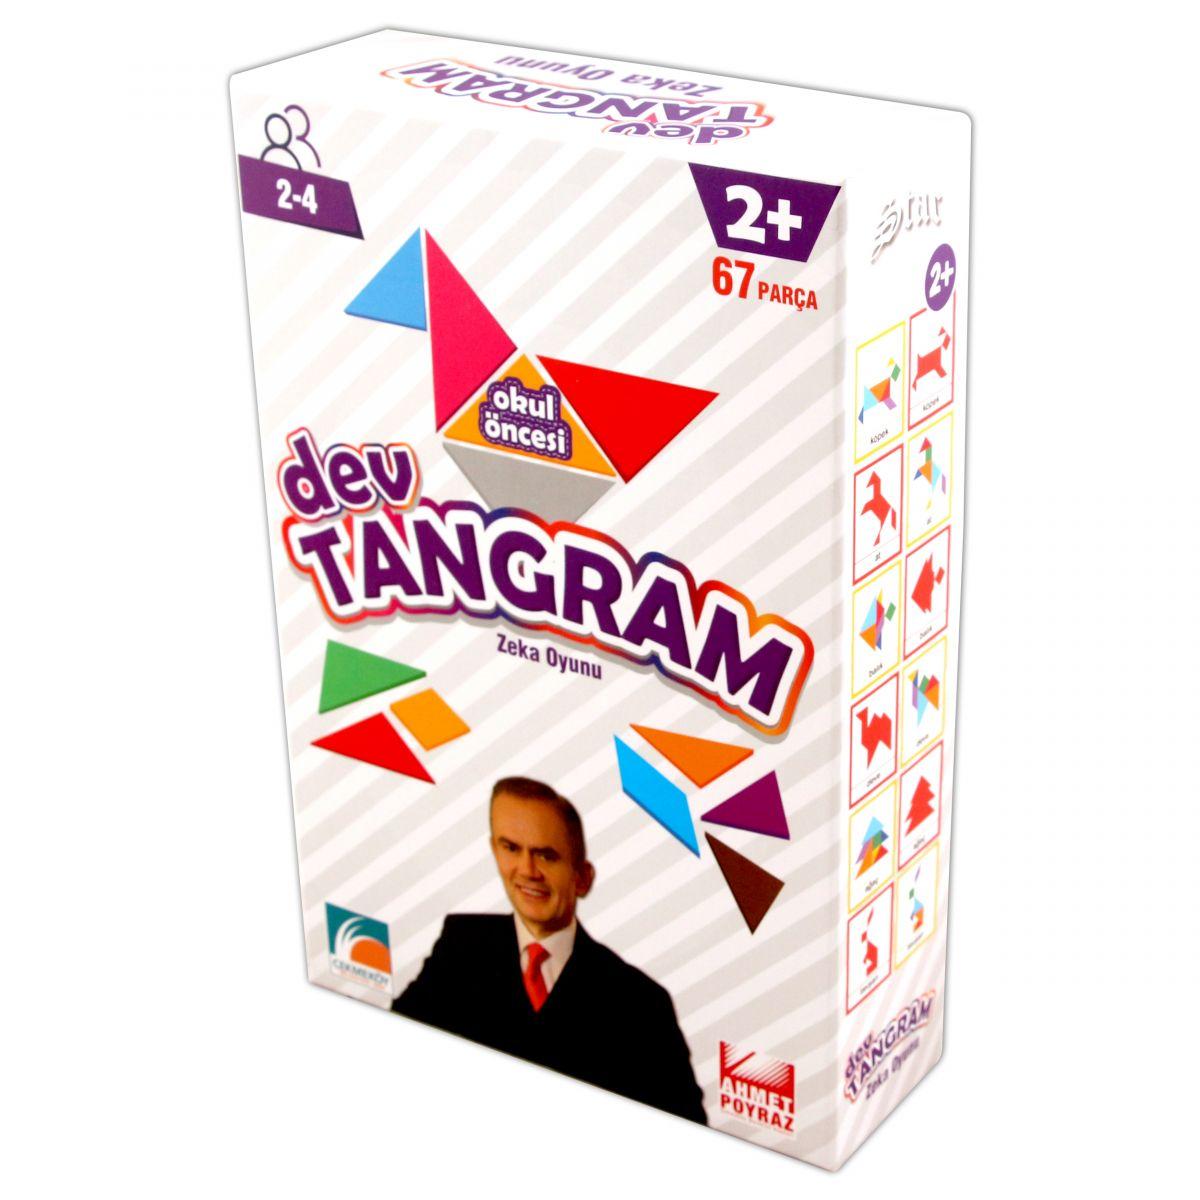 Çekmeköy Belediyesi Dev Tangram